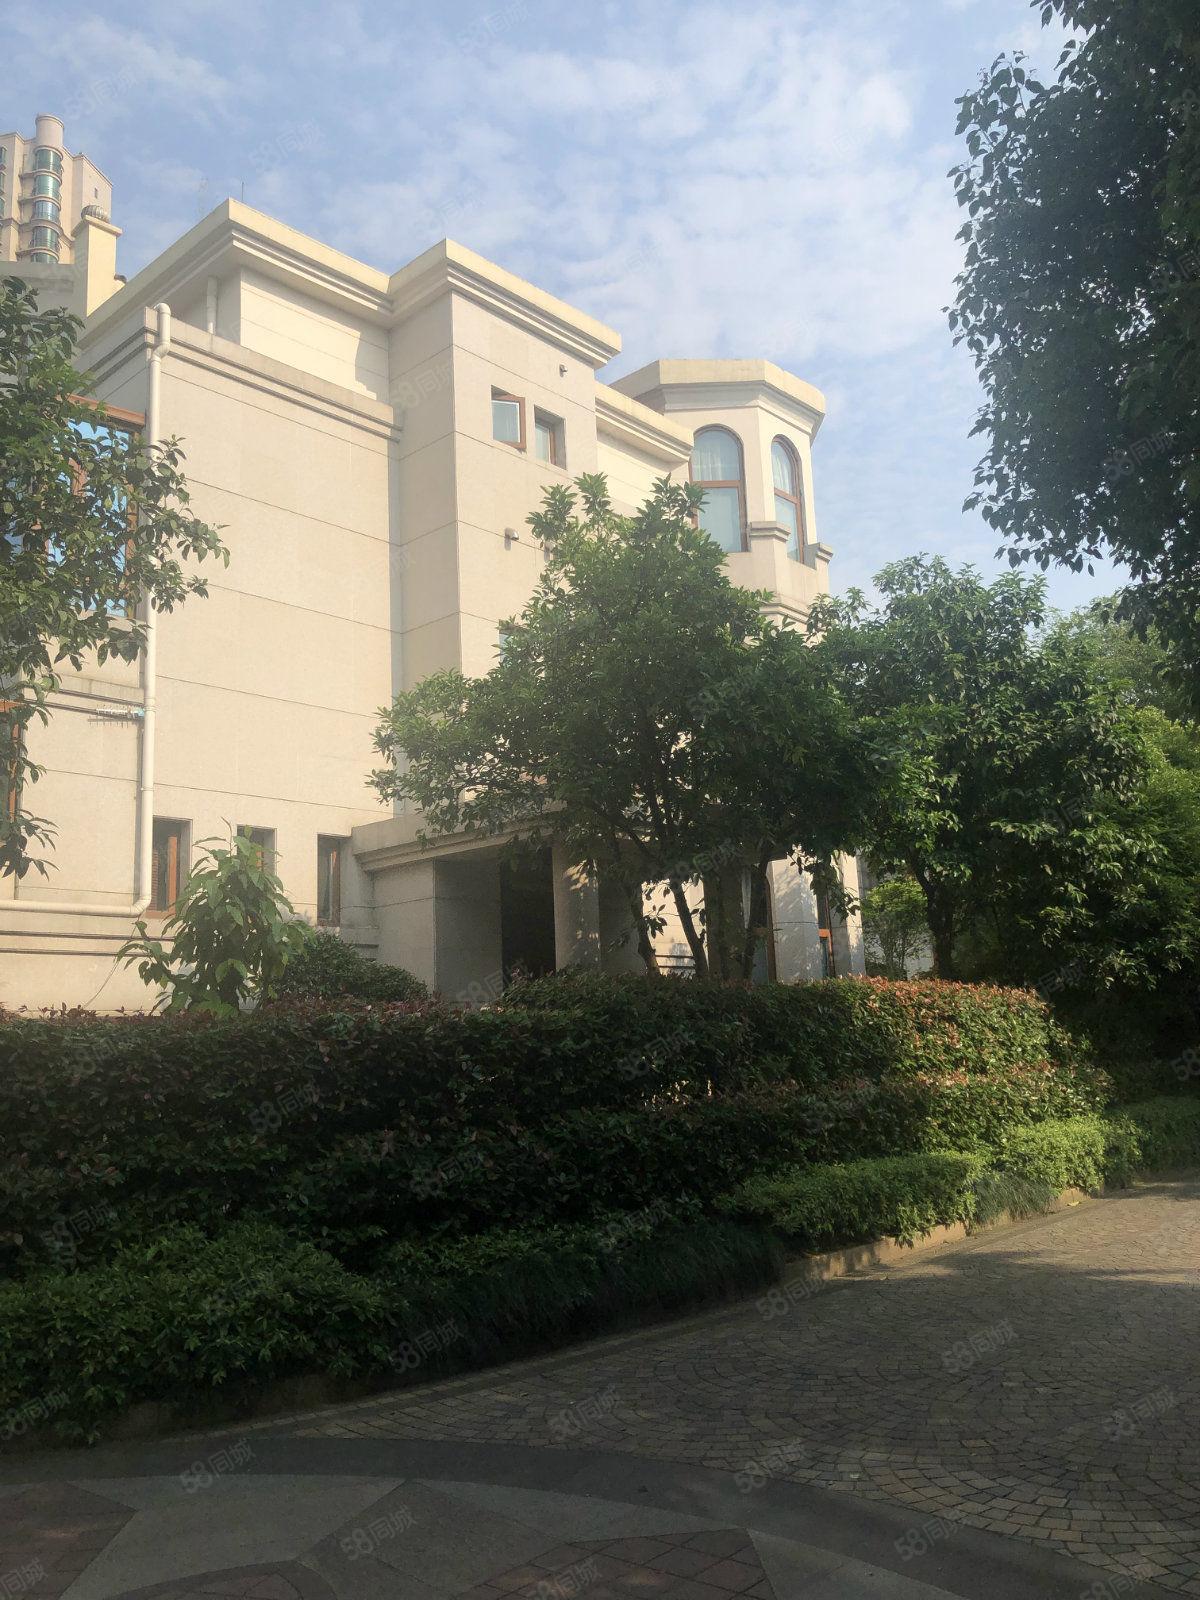 青山湖高檔別墅區恒茂湖濱品質樓盤素質住戶帶大院子